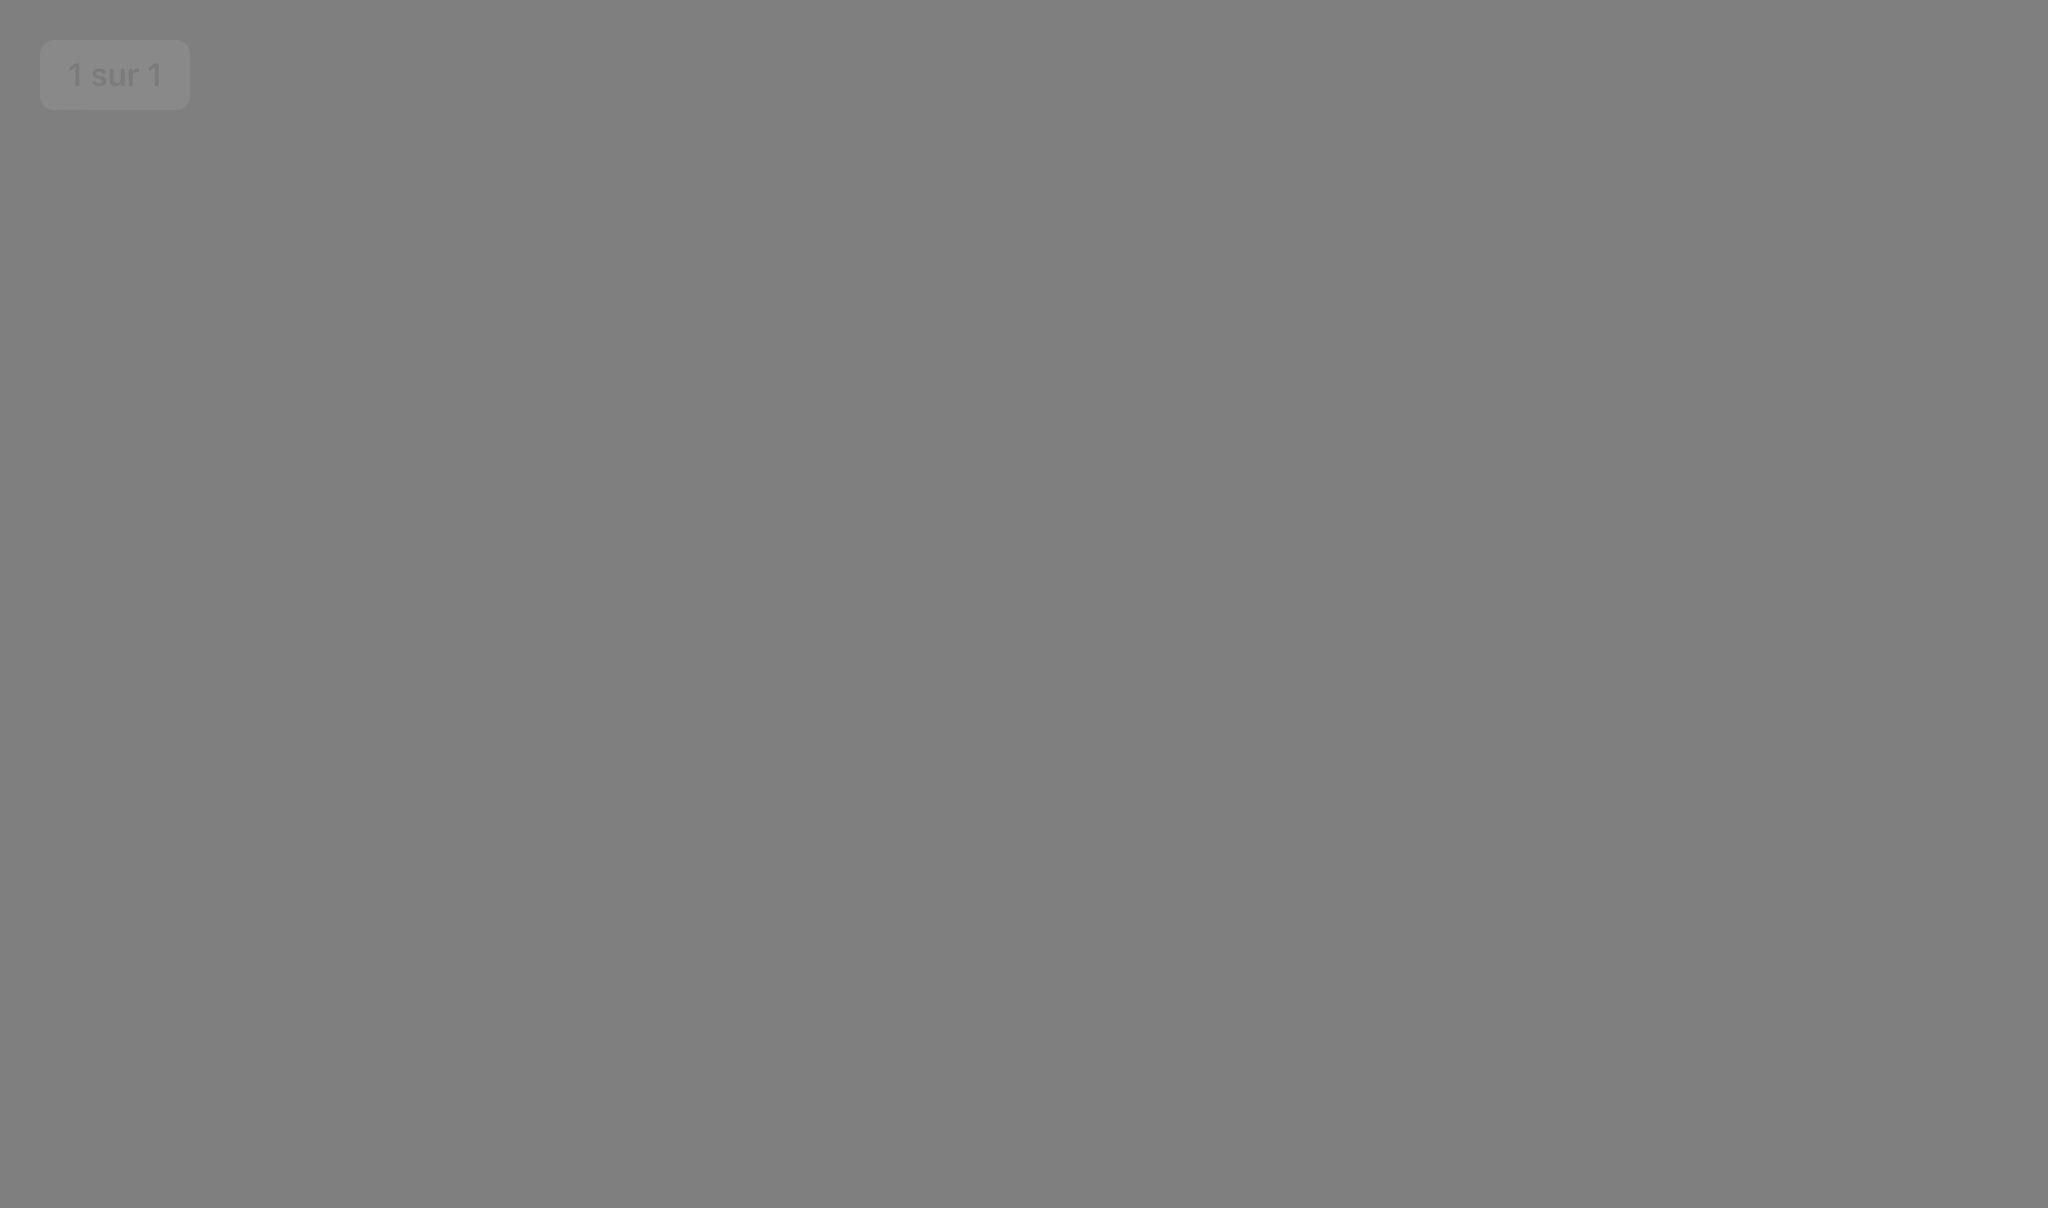 Epingle Par Garreau Wong Po Sur Masque En 2020 Tricot Pour Poupon Chute De Tissu Bricolage De Noel Maternelle